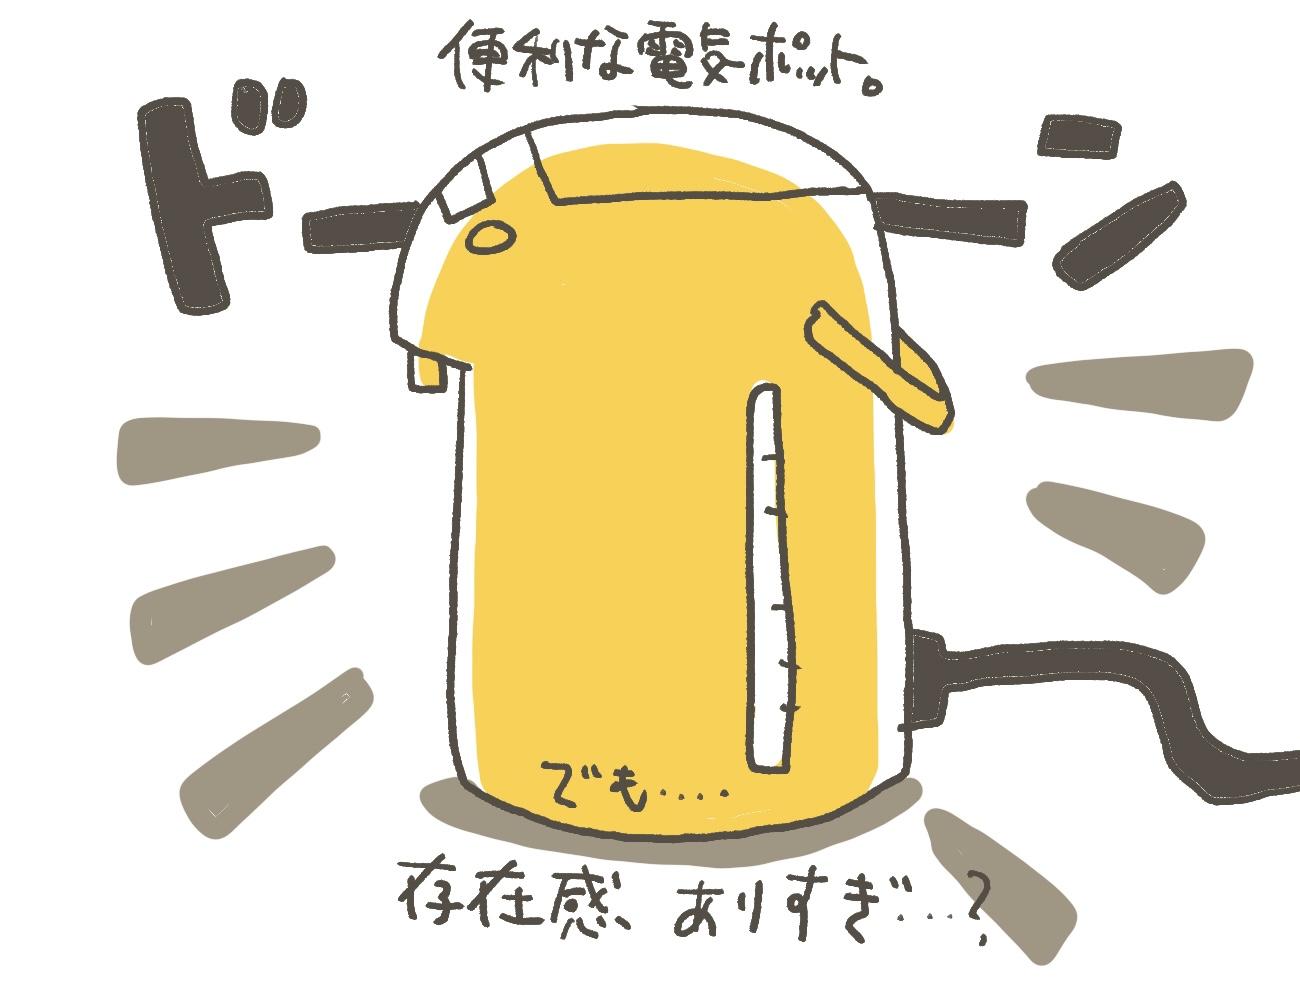 便利だったけど、大きな電気ポットは結構な存在感…。狭いキッチンをさらに圧迫。